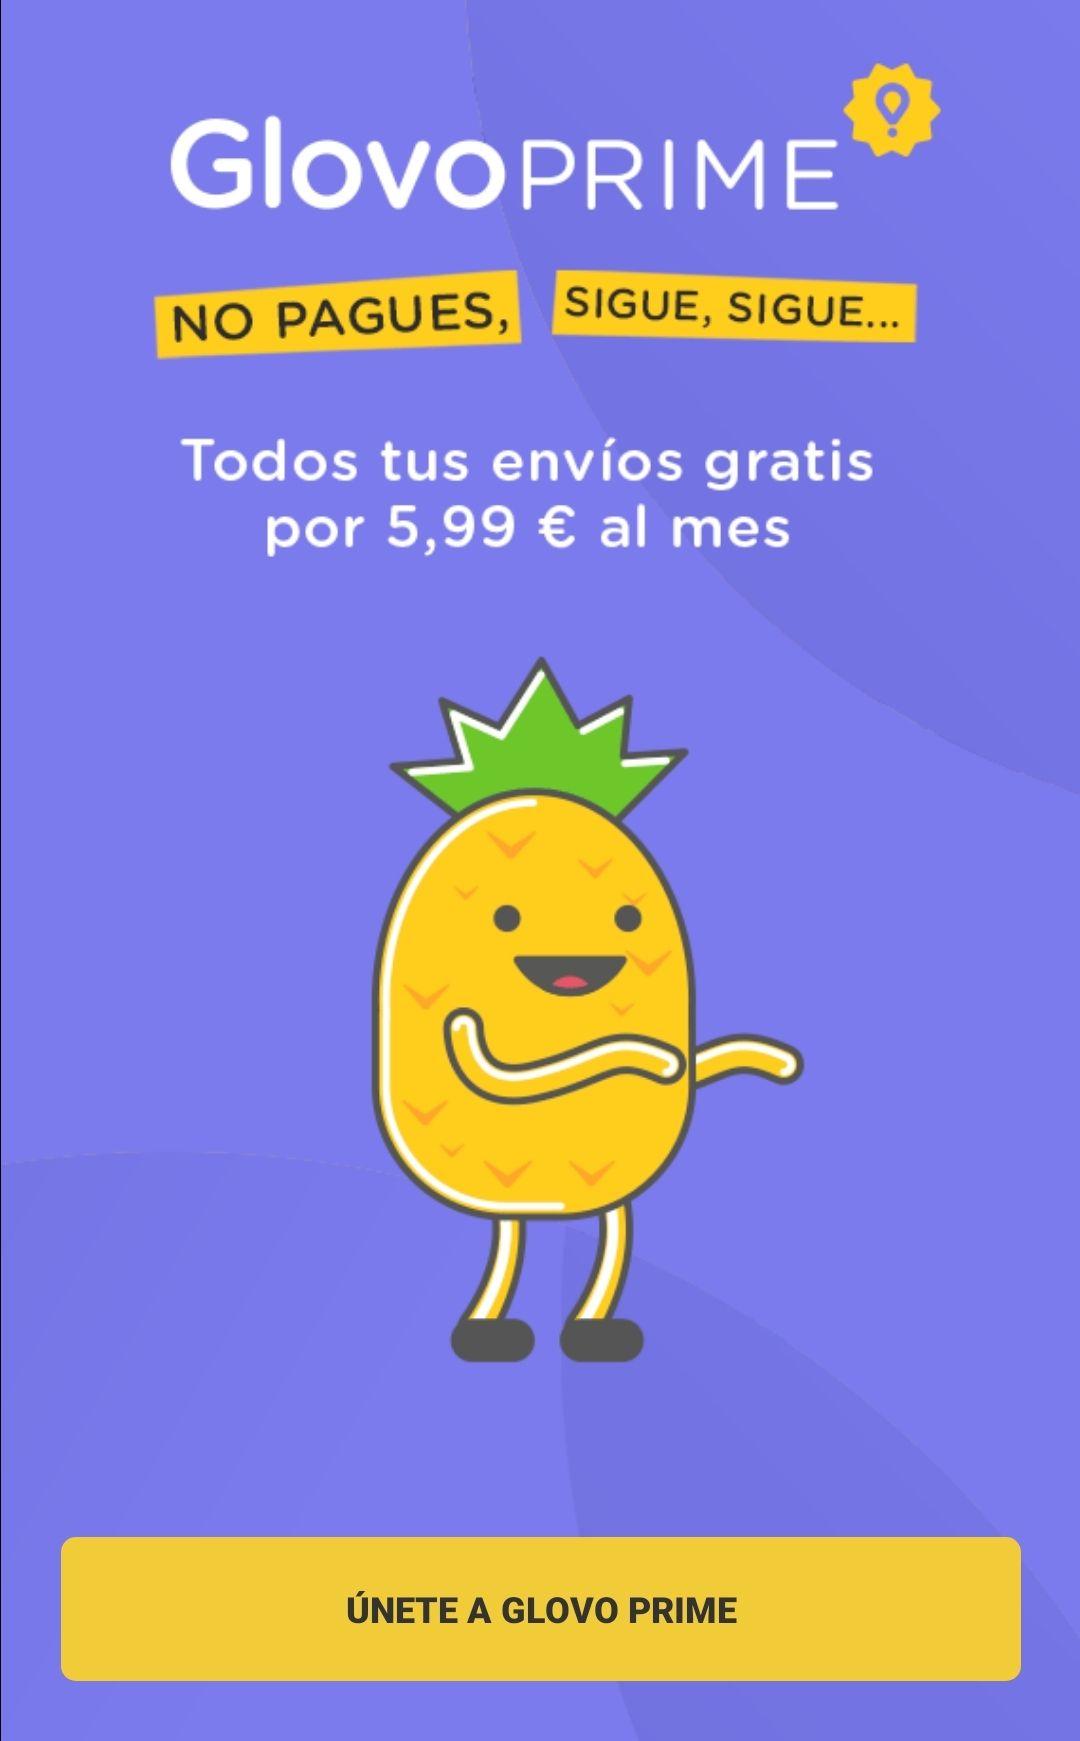 Glovo Prime - Envíos ilimitados por 5,99€